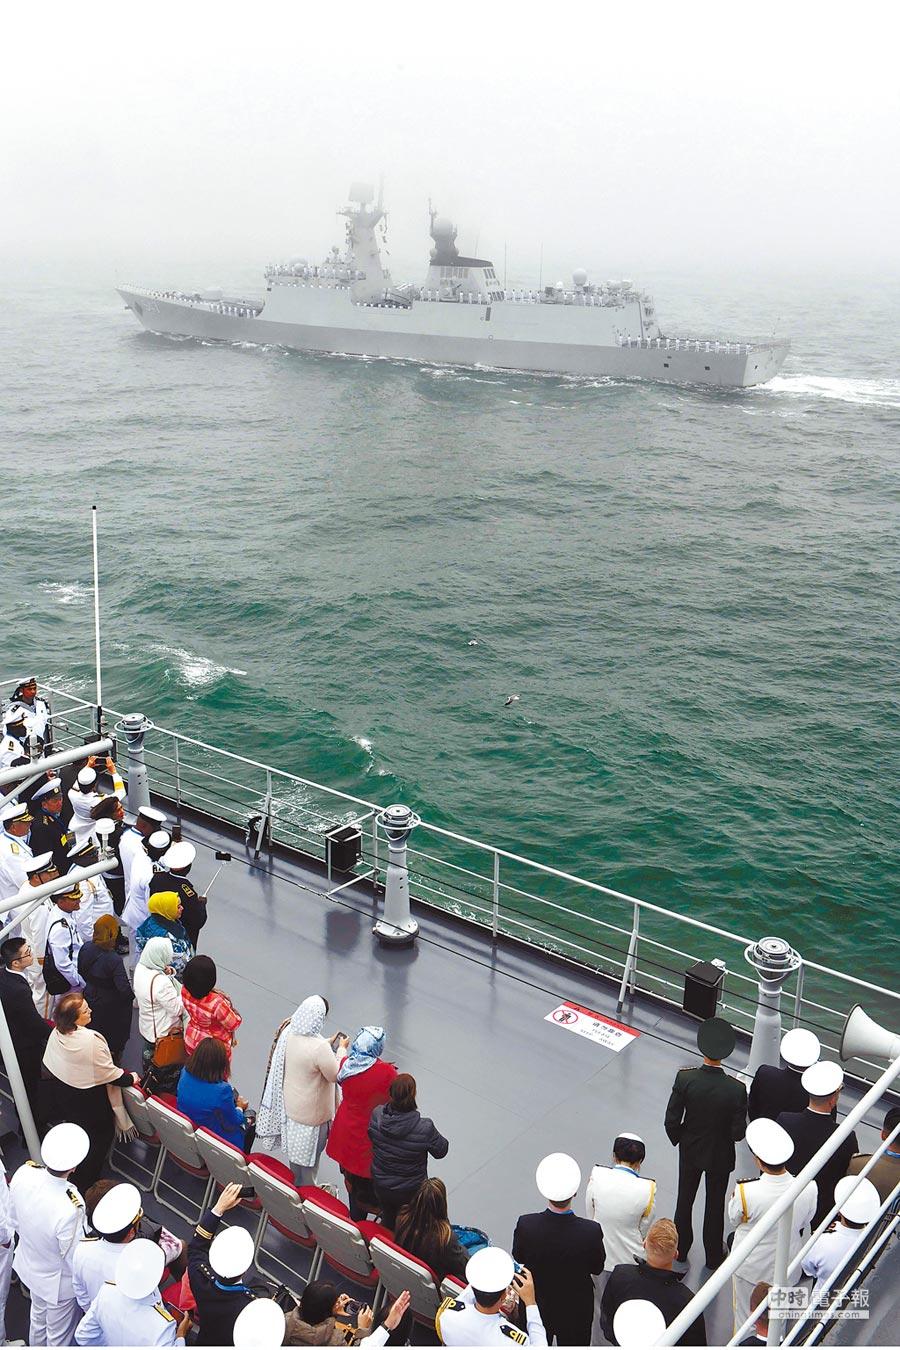 臨沂號導彈護衛艦駛過海面。(新華社資料照片)